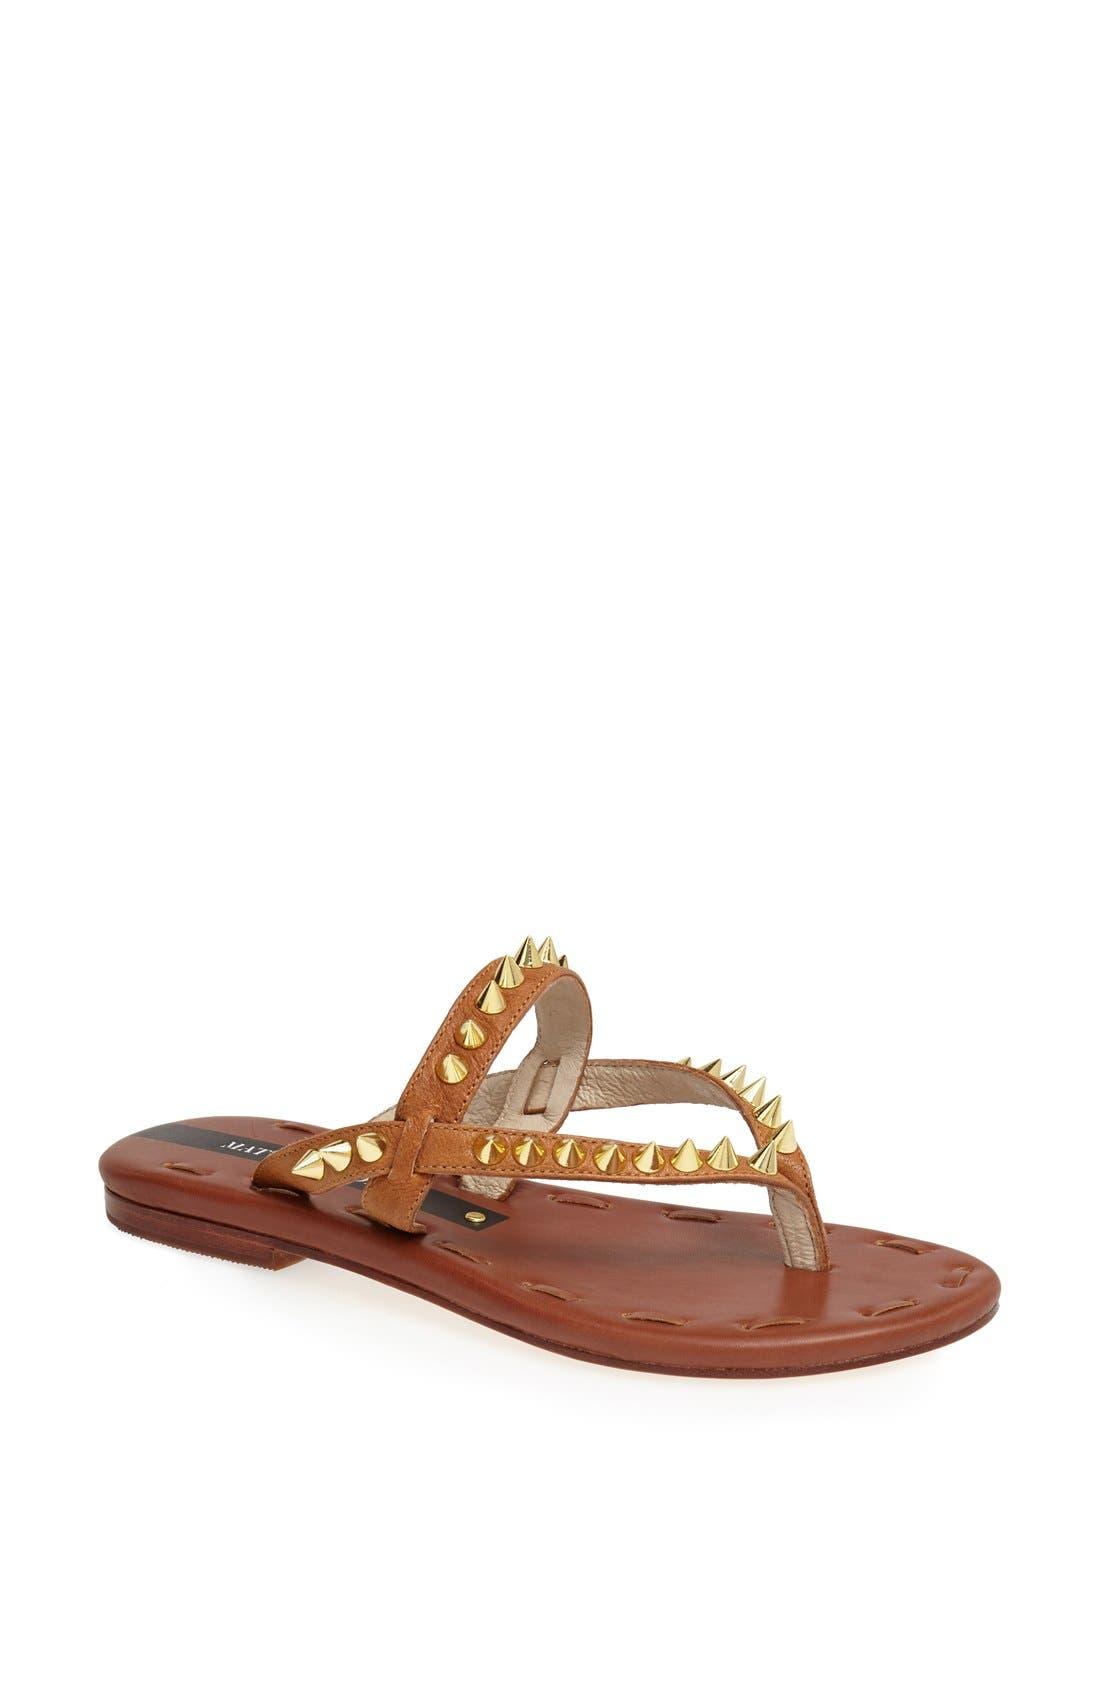 Alternate Image 1 Selected - Matt Bernson 'Love Spike' Sandal